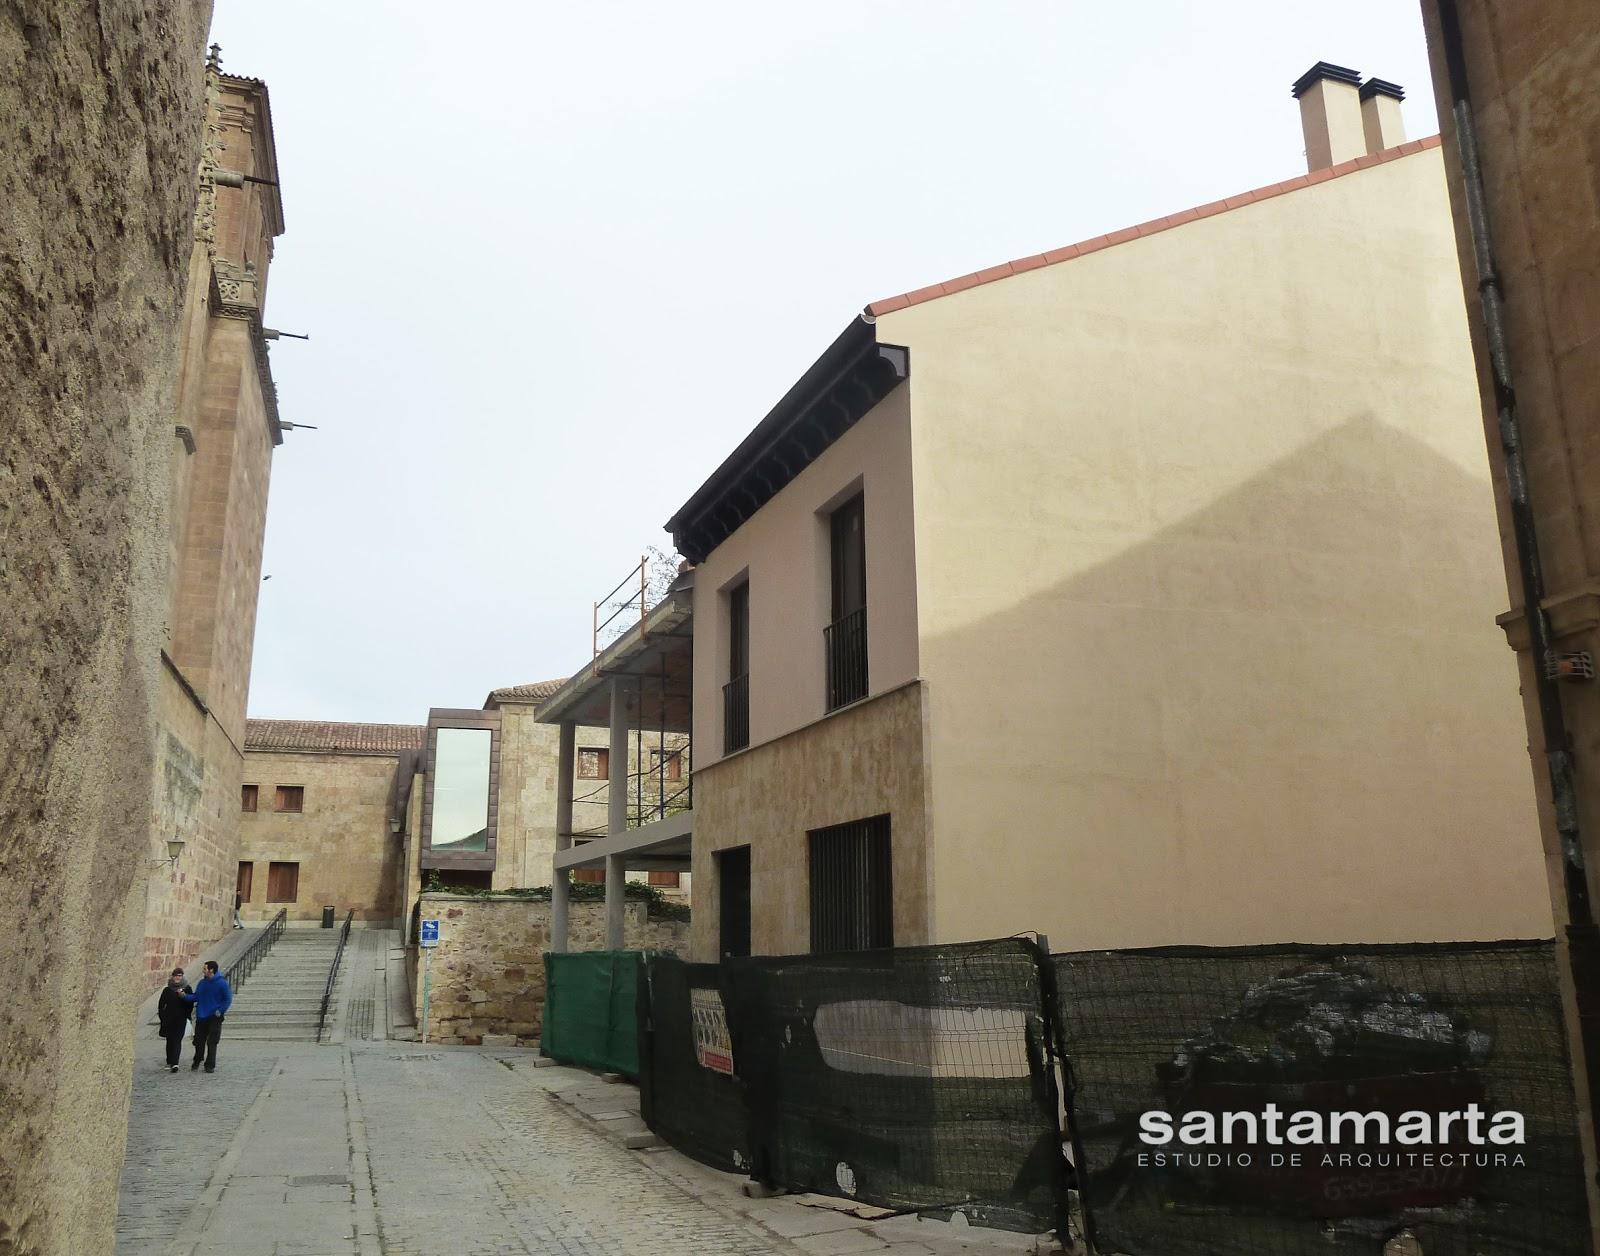 Santamarta arquitectos promoci n de viviendas de obra - Arquitectos en salamanca ...